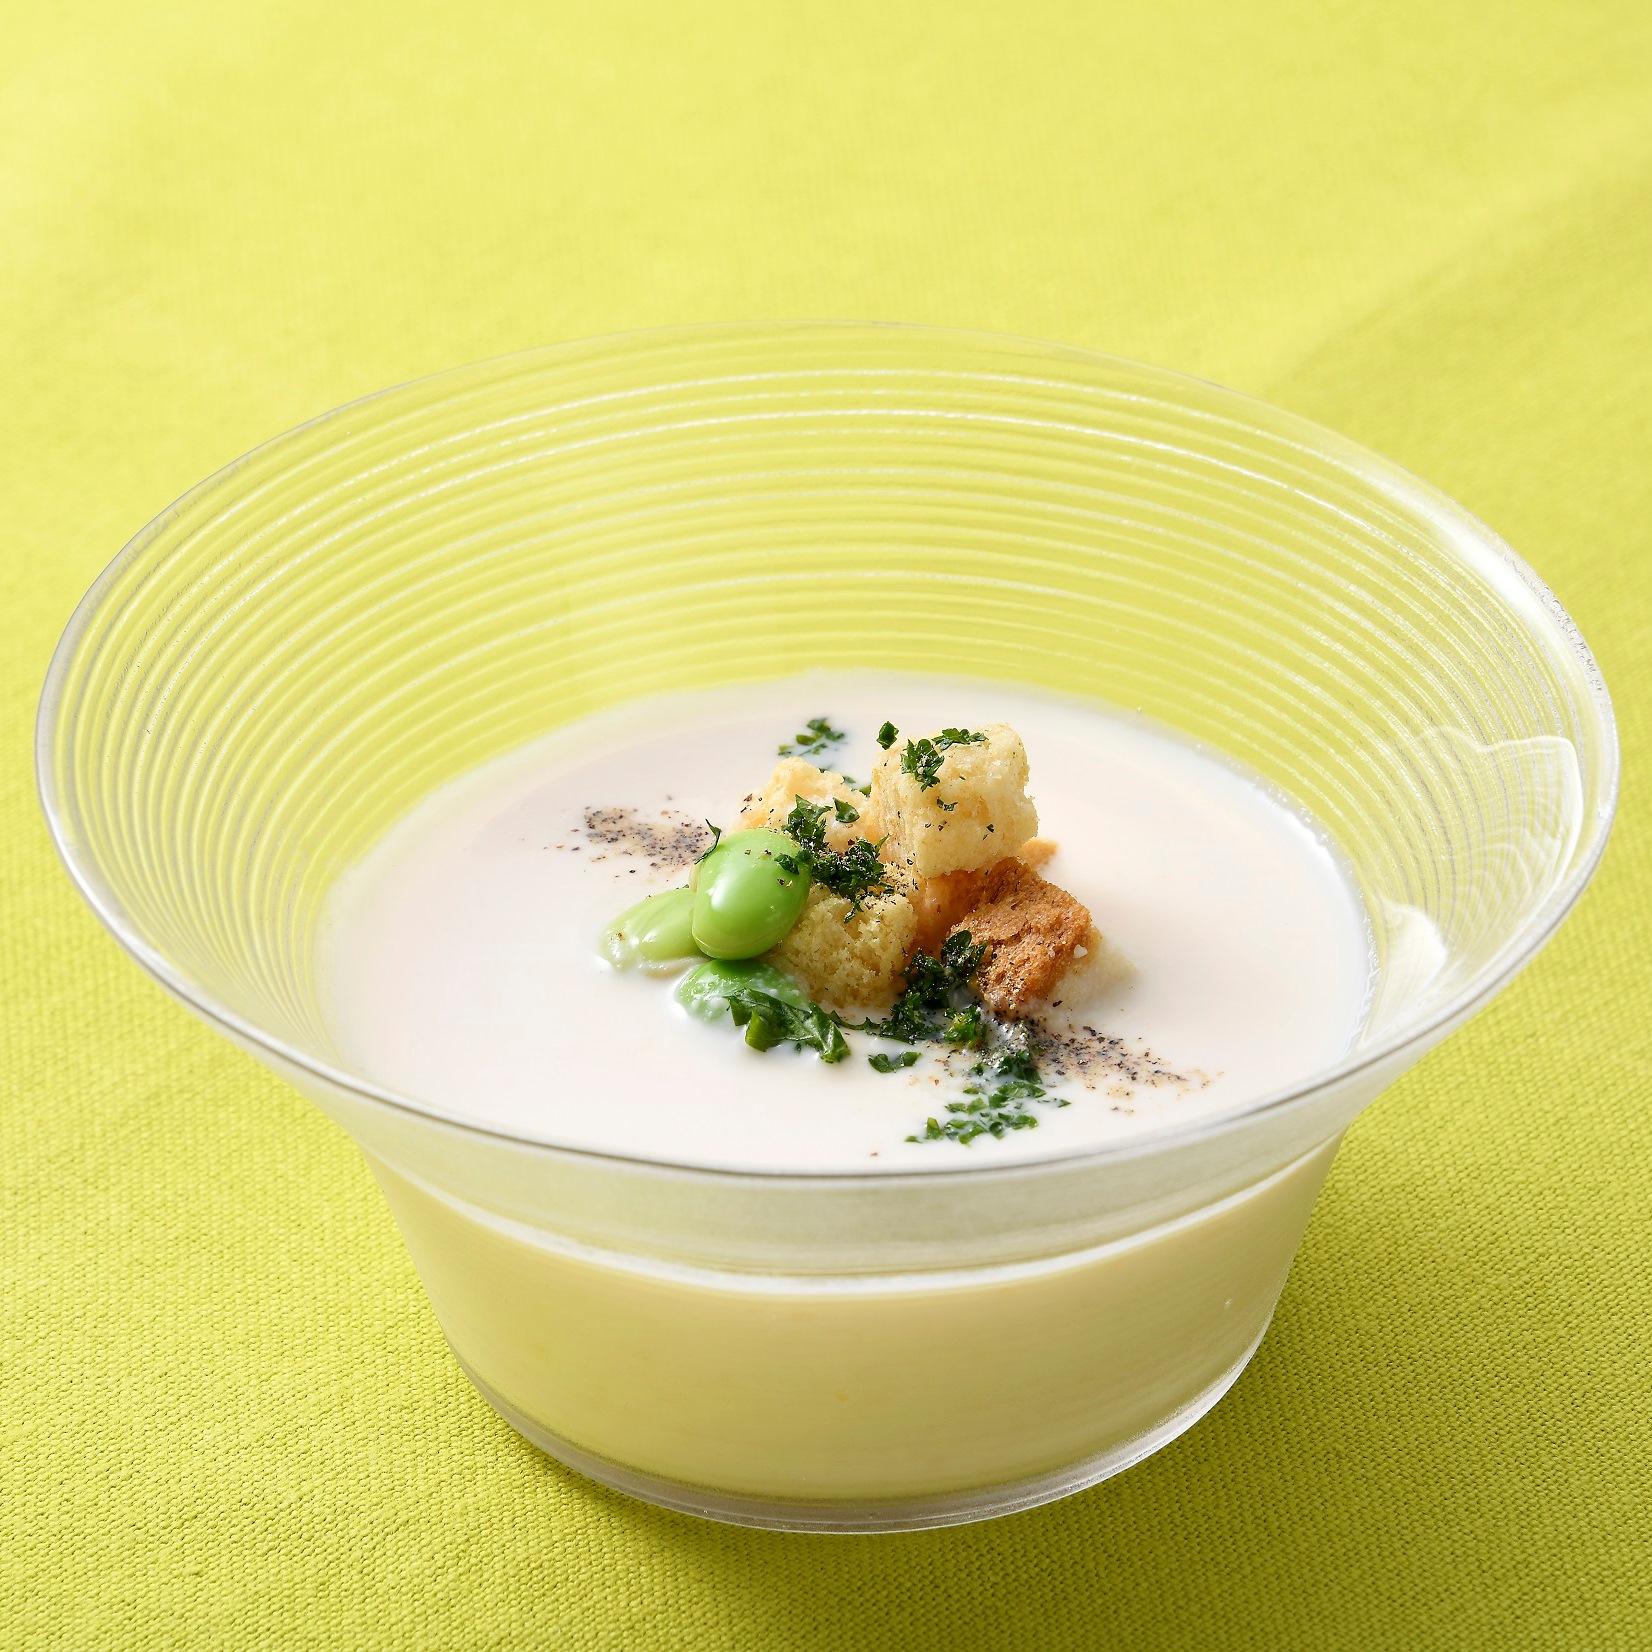 味噌と牛乳の冷製スープ 豆腐すり流し